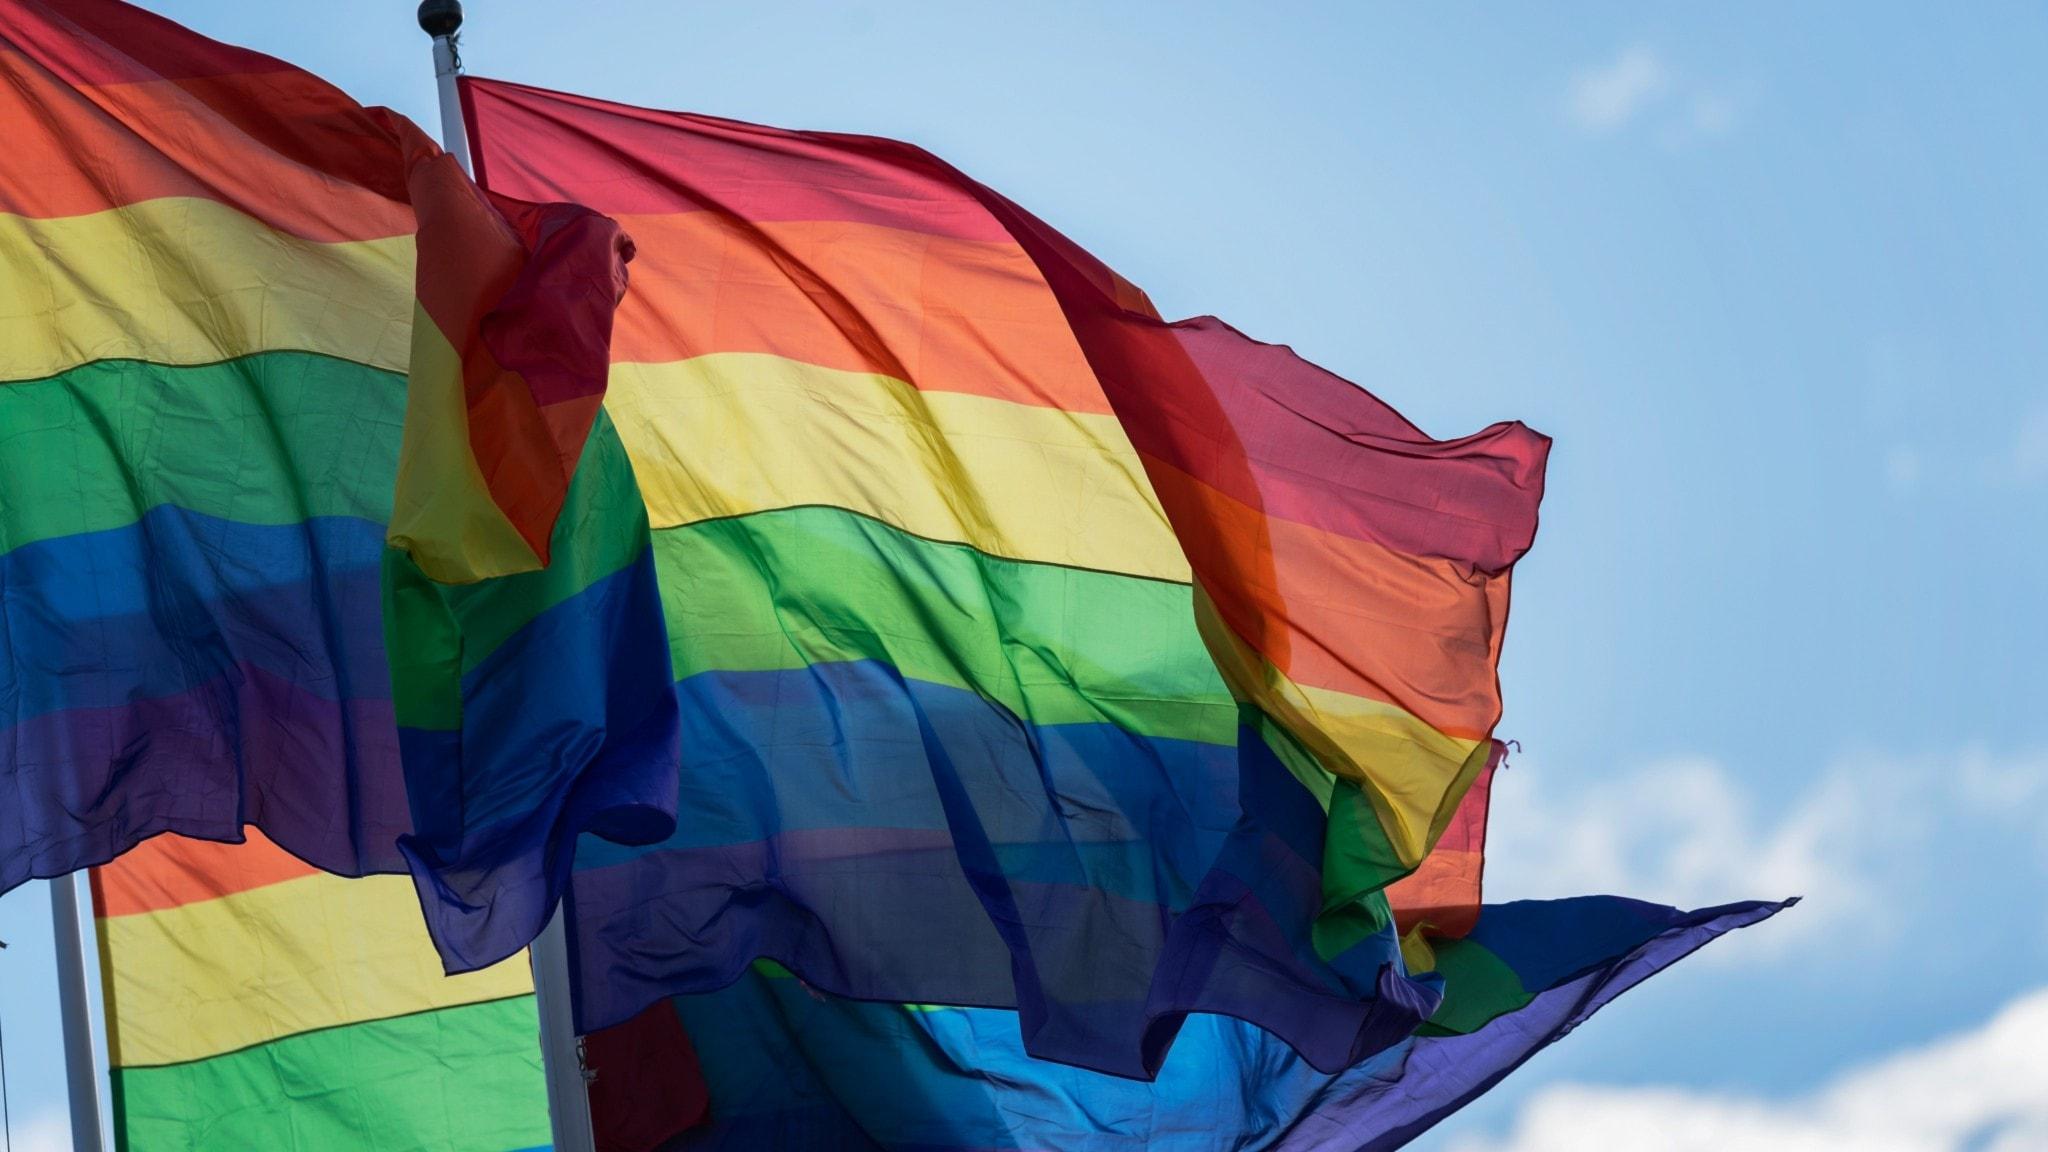 The Pride rainbow flag.